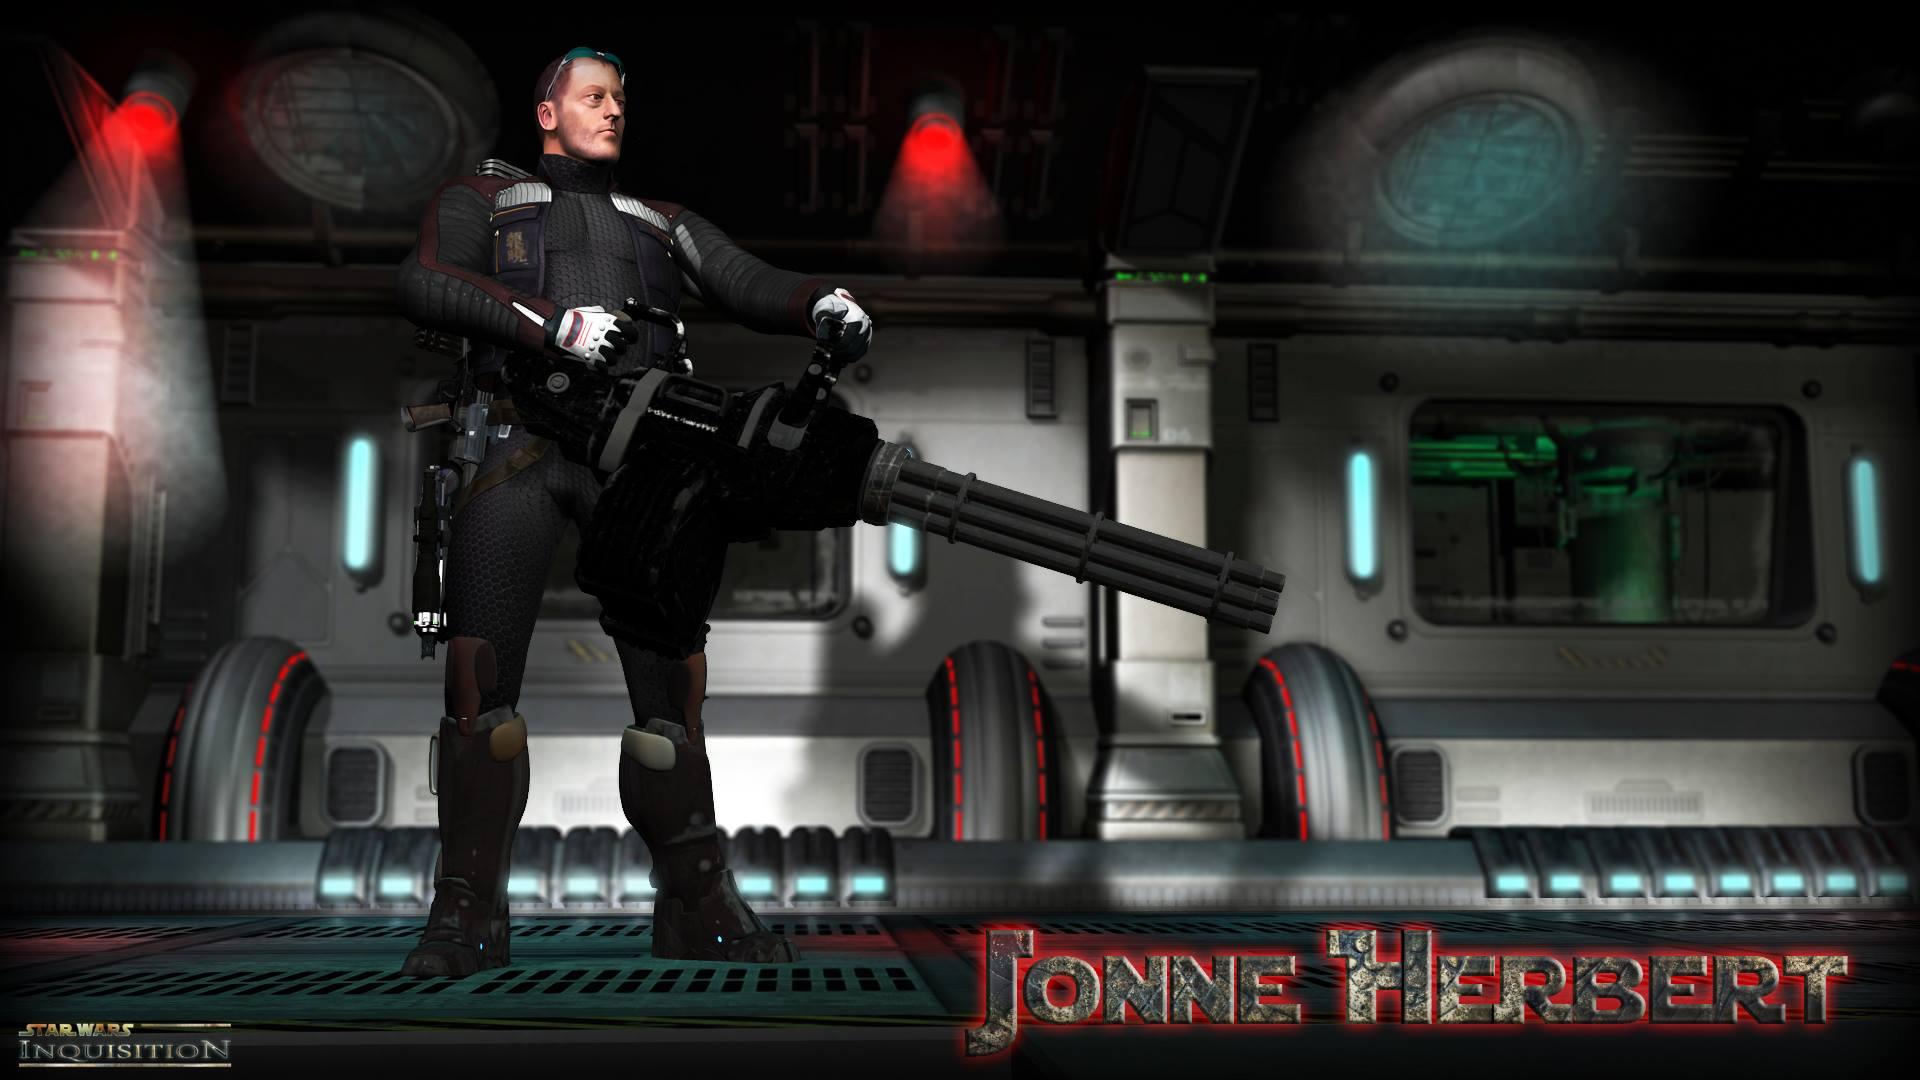 Jonne Herbert